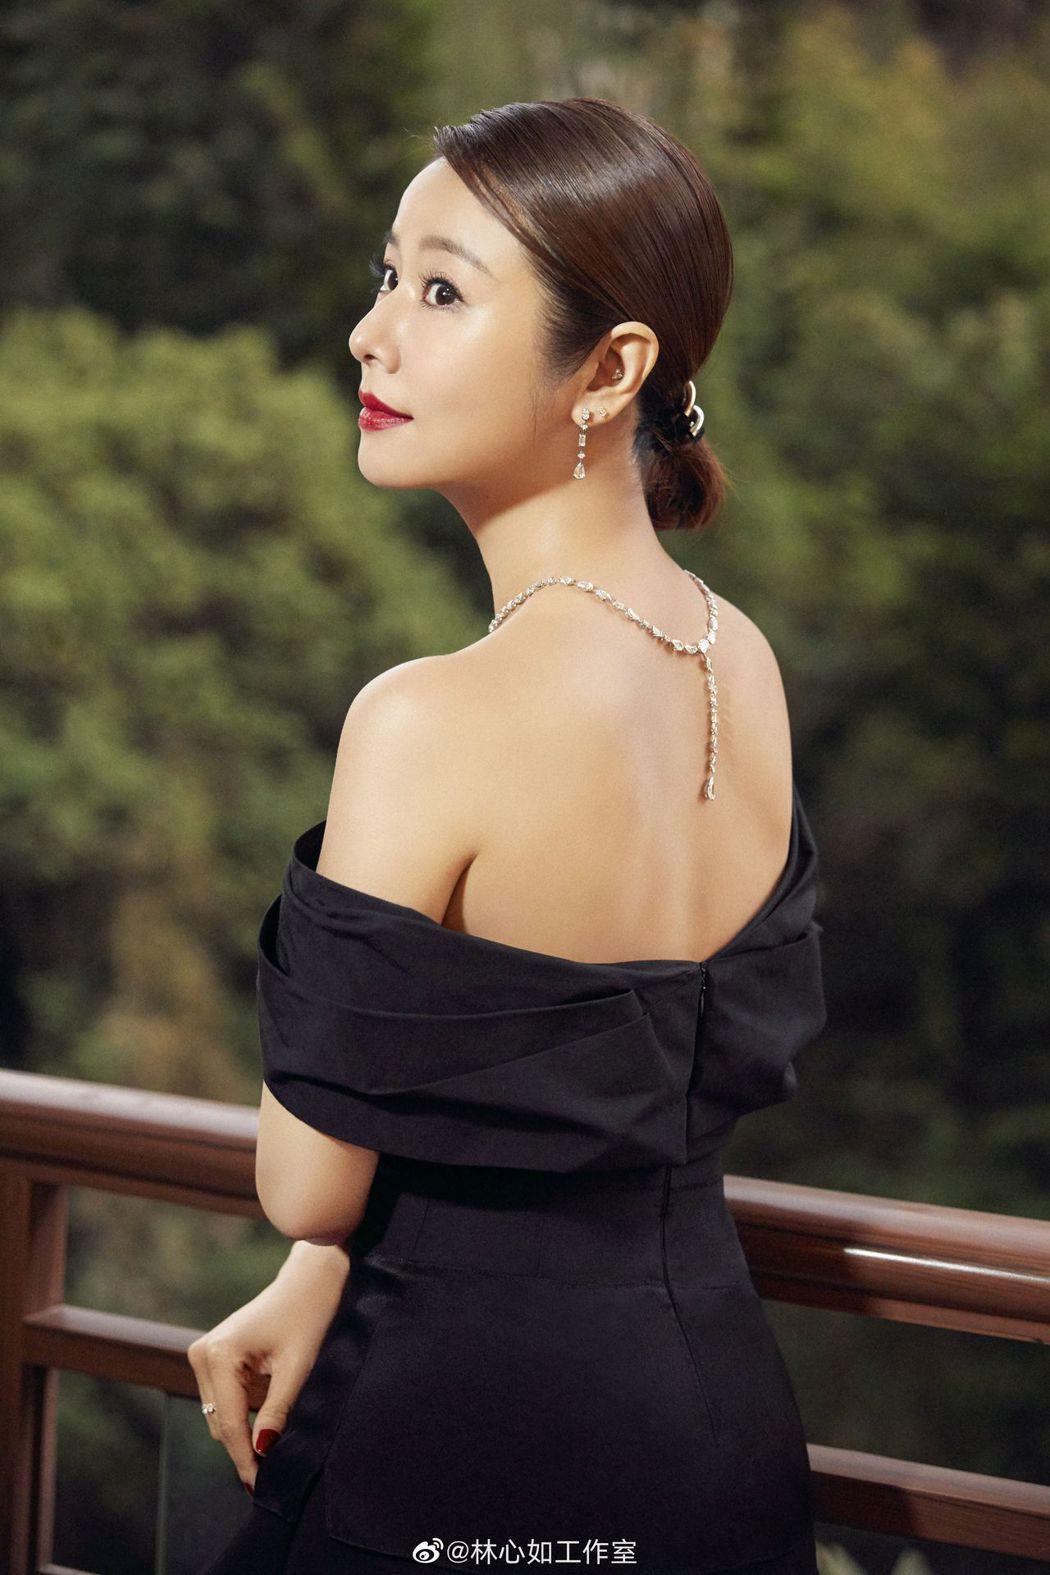 林心如出席金雞百花電影節開幕式的禮服。 圖/擷自林心如工作室微博